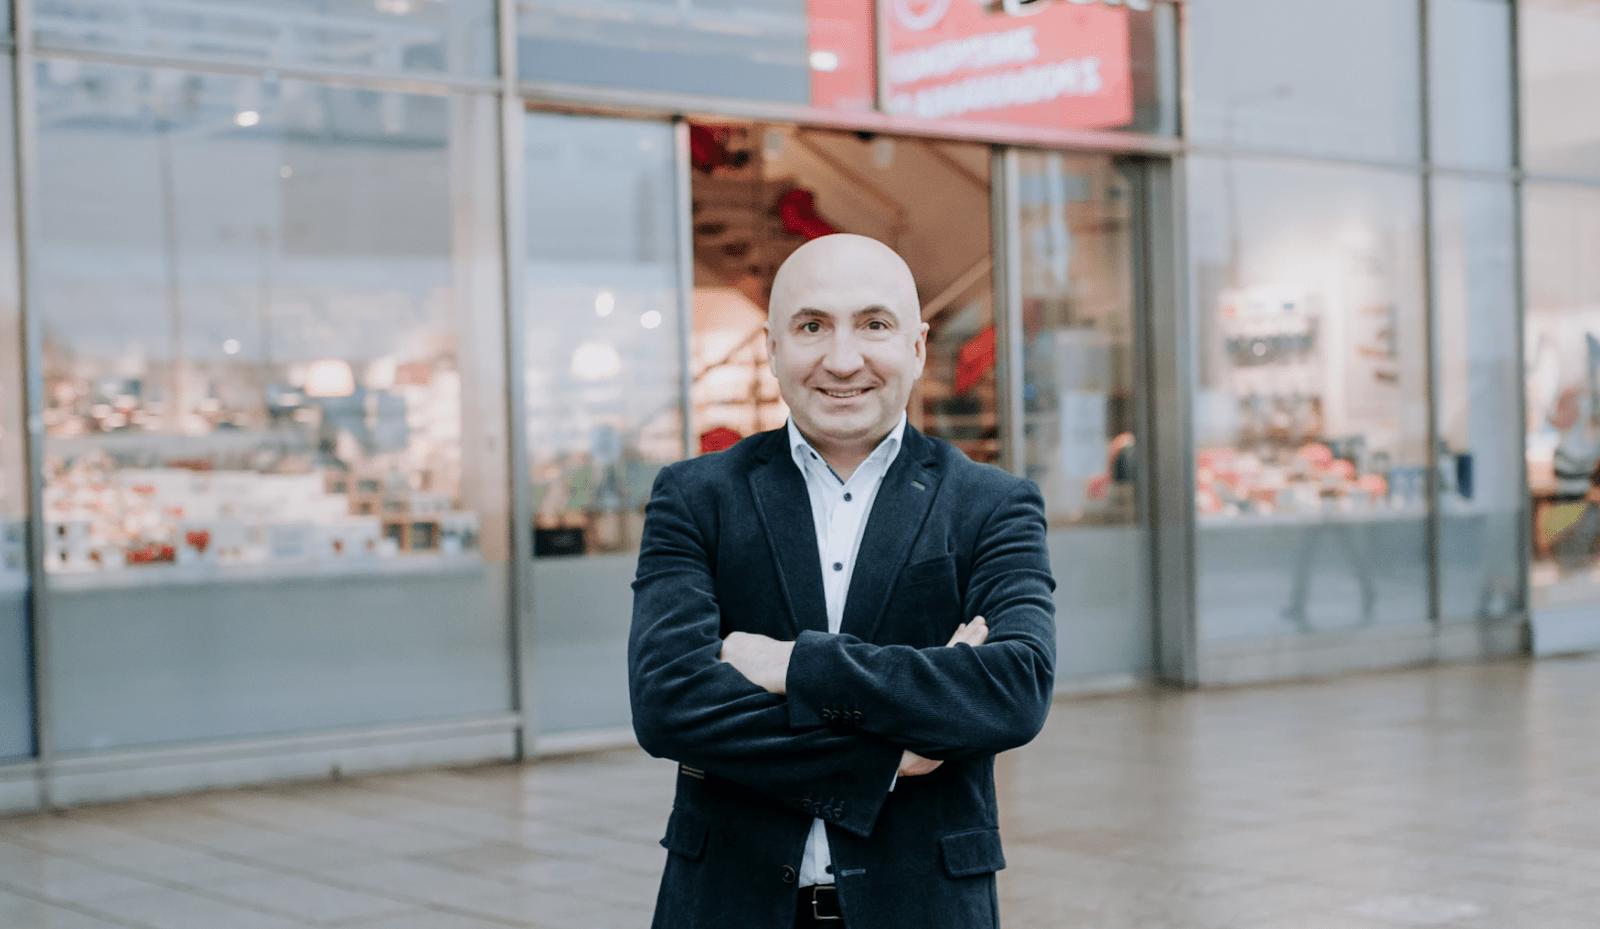 Poprzez ekspansję i rozwój e-commerce umocnimy naszą markę w Polsce